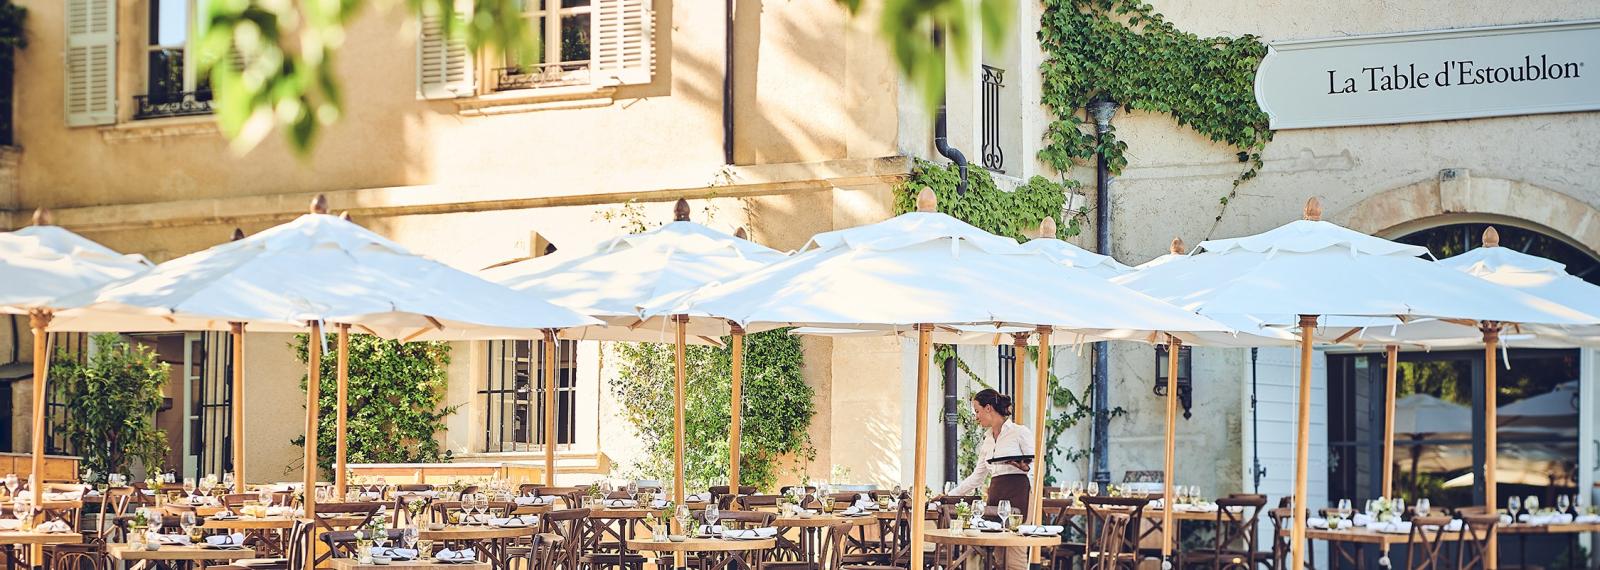 La Table d'Estoublon